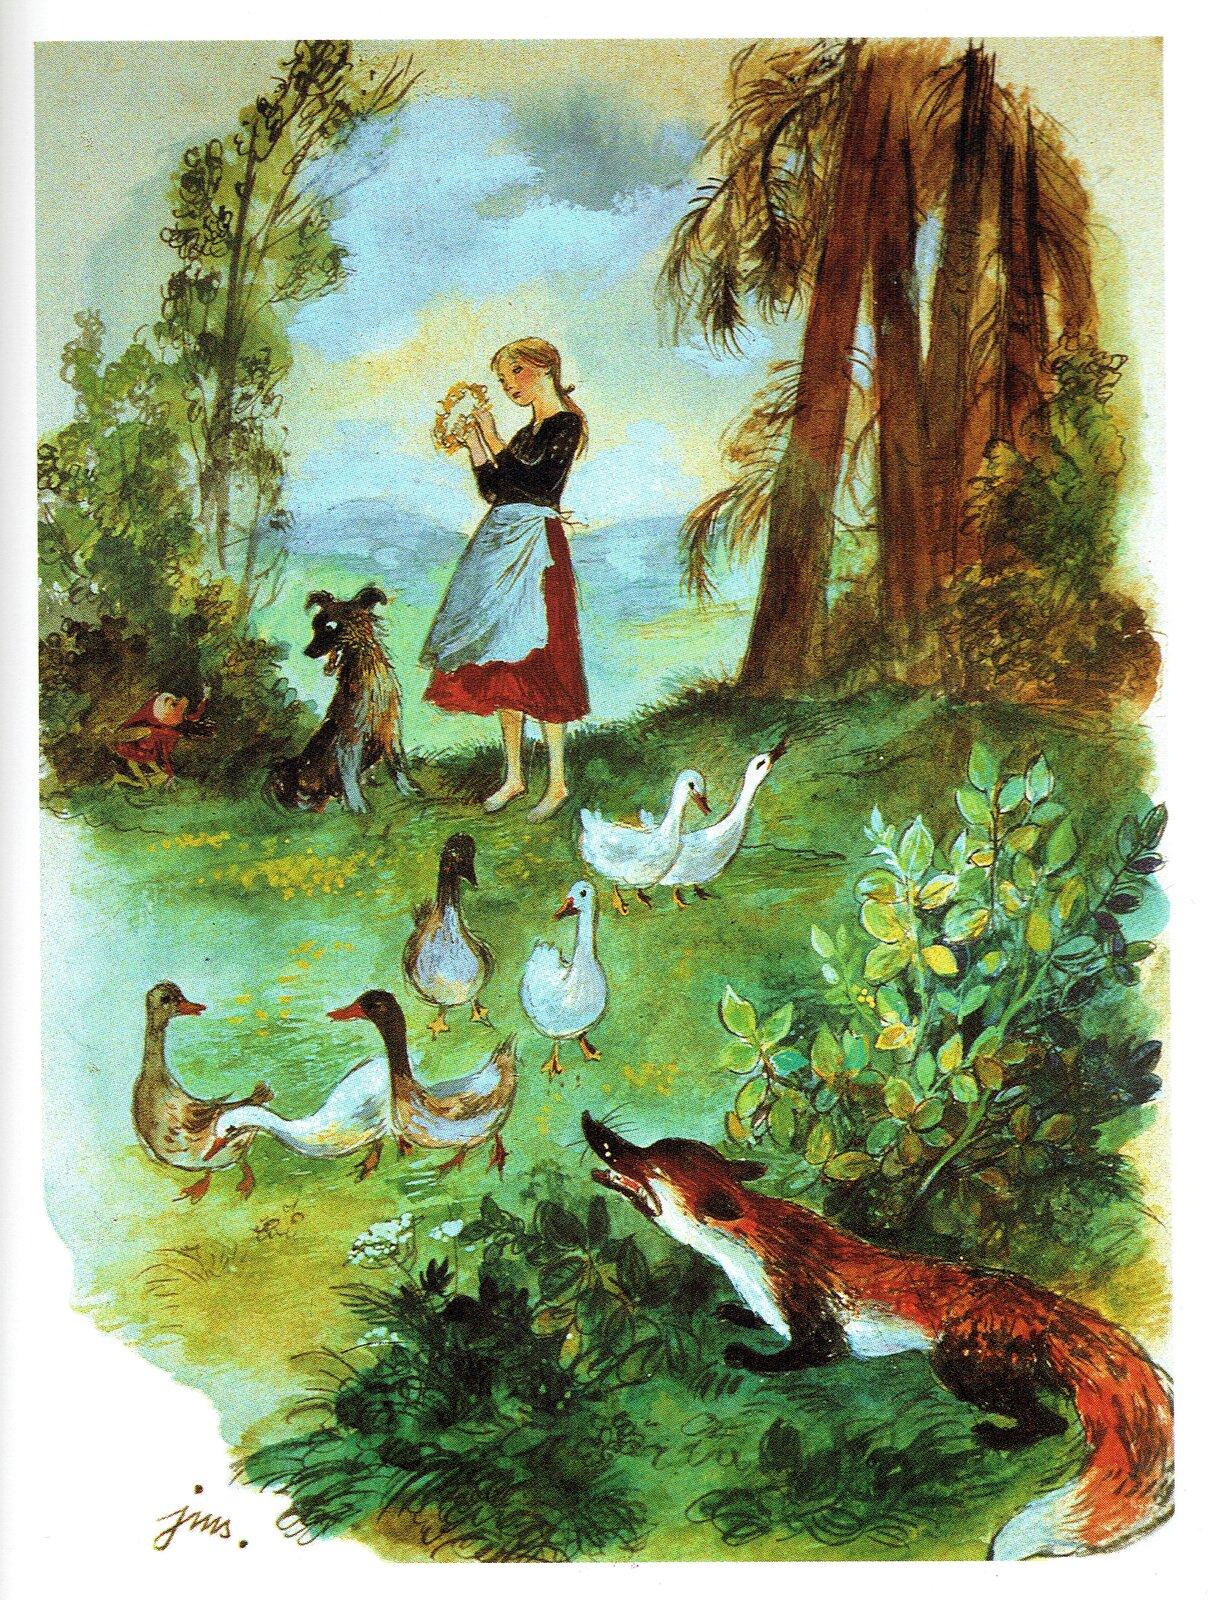 """Ilustracja przedstawia pracę Jana Marcina Szancera zksiążki Marii Konopnickiej """"O krasnoludkach isierotce Marysi. Ukazuje dziewczynę trzymającą wręku wianek, której towarzyszy pies. Obok, przy stawie pasą się gęsi. Zza krzaków wprawym, dolnym rogu czai się lis. Przez drzewa, między którymi stoi dziewczyna, przebija daleki widok zbłękitnym niebem."""